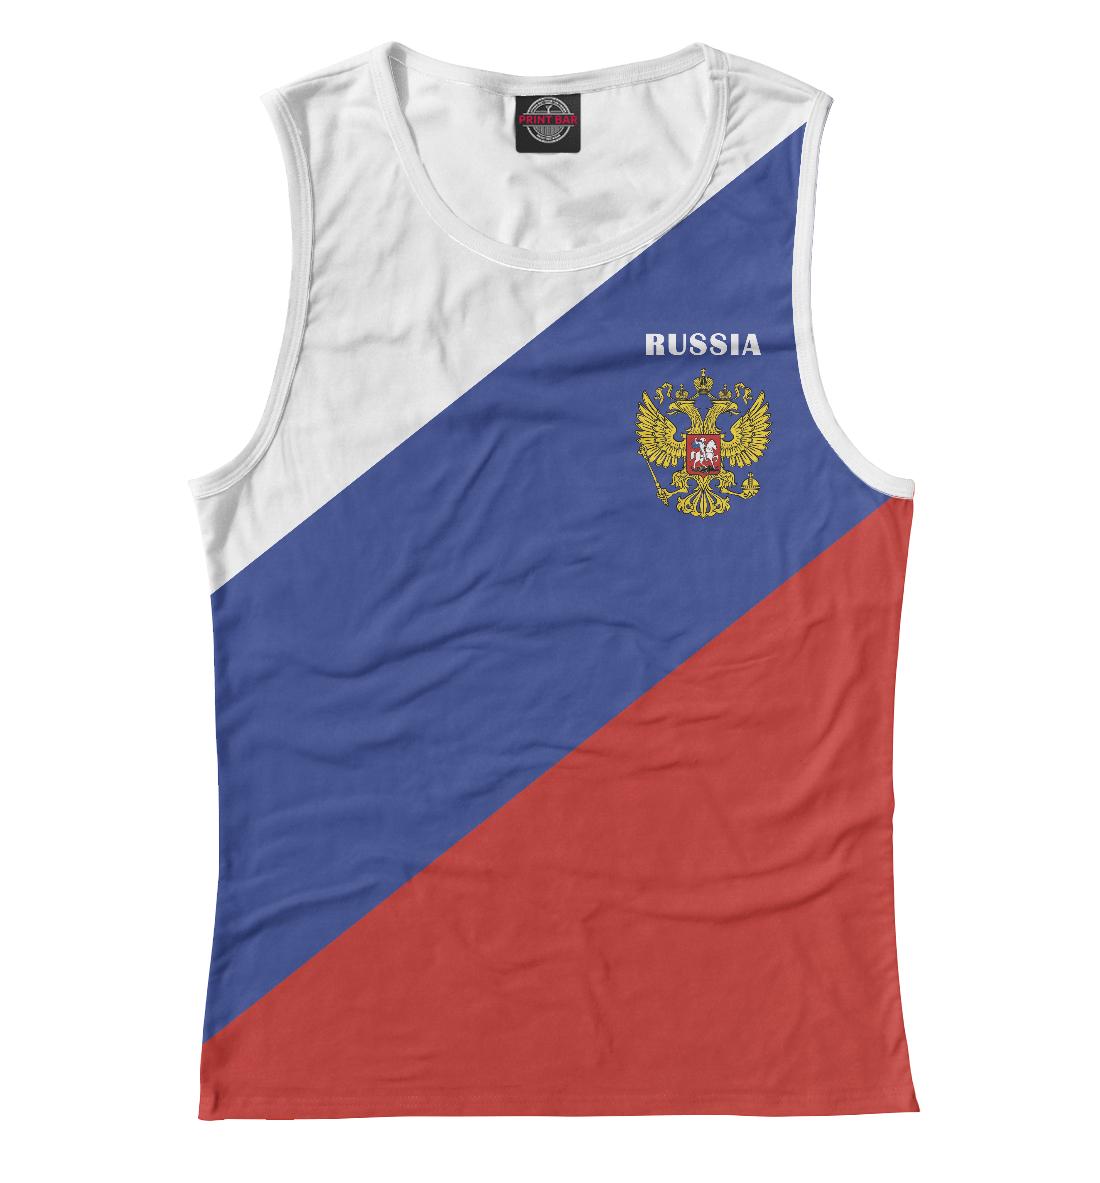 Триколор России, Printbar, Майки, SRF-406765-may-1  - купить со скидкой